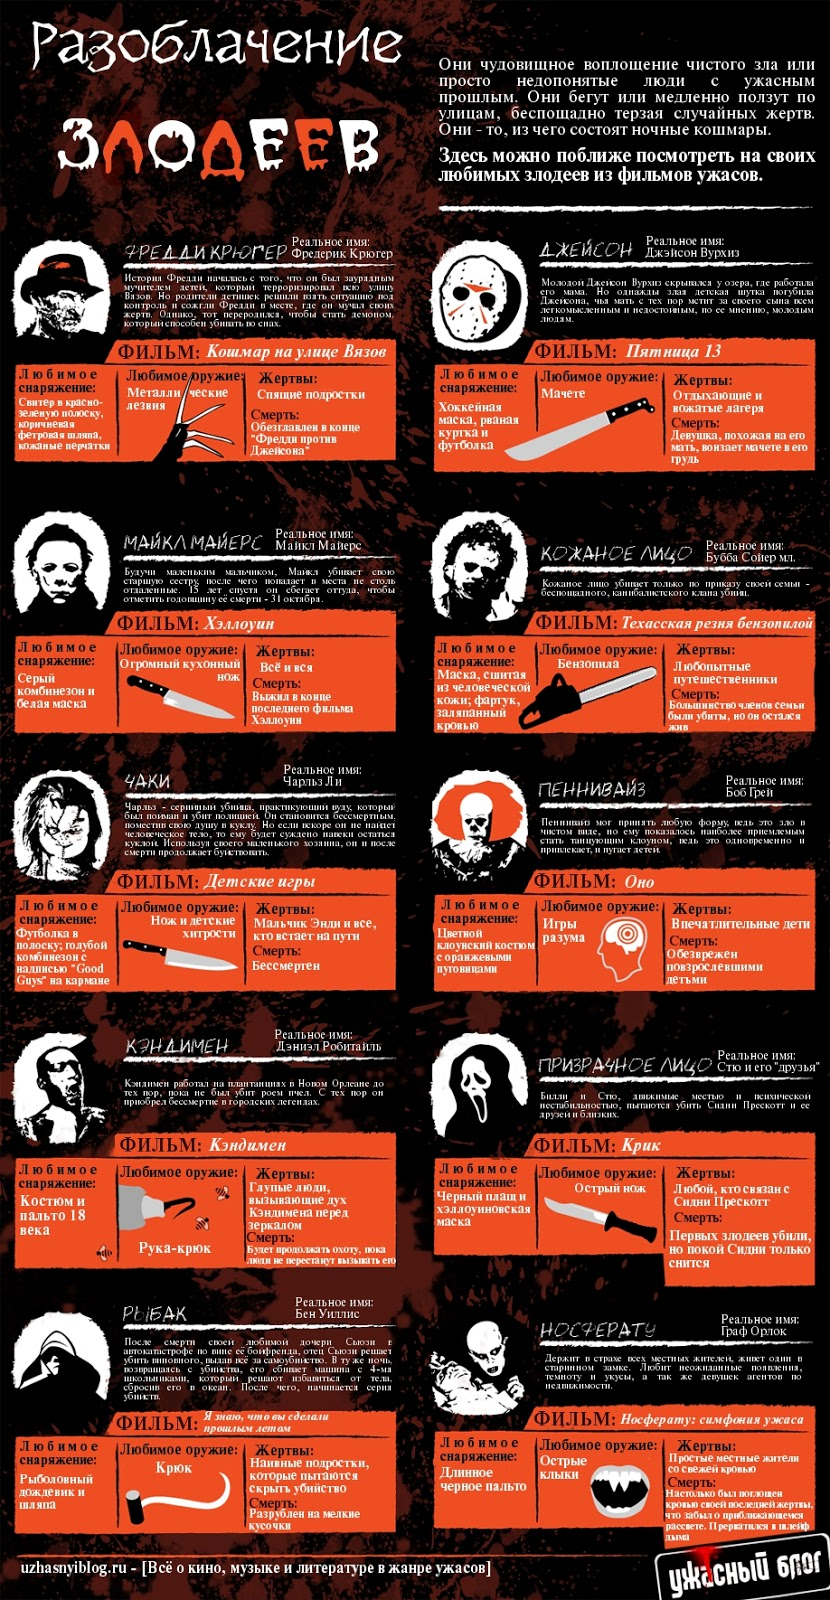 ЗЛОДЕИ ИЗ ФИЛЬМОВ УЖАСОВ, кинозлодеи, лучшие кинозлодеи, молодежные фильмы ужасов, ИНФОГРАФИКА, сайт фильм ужасов, создание инфографики, инфографика примеры